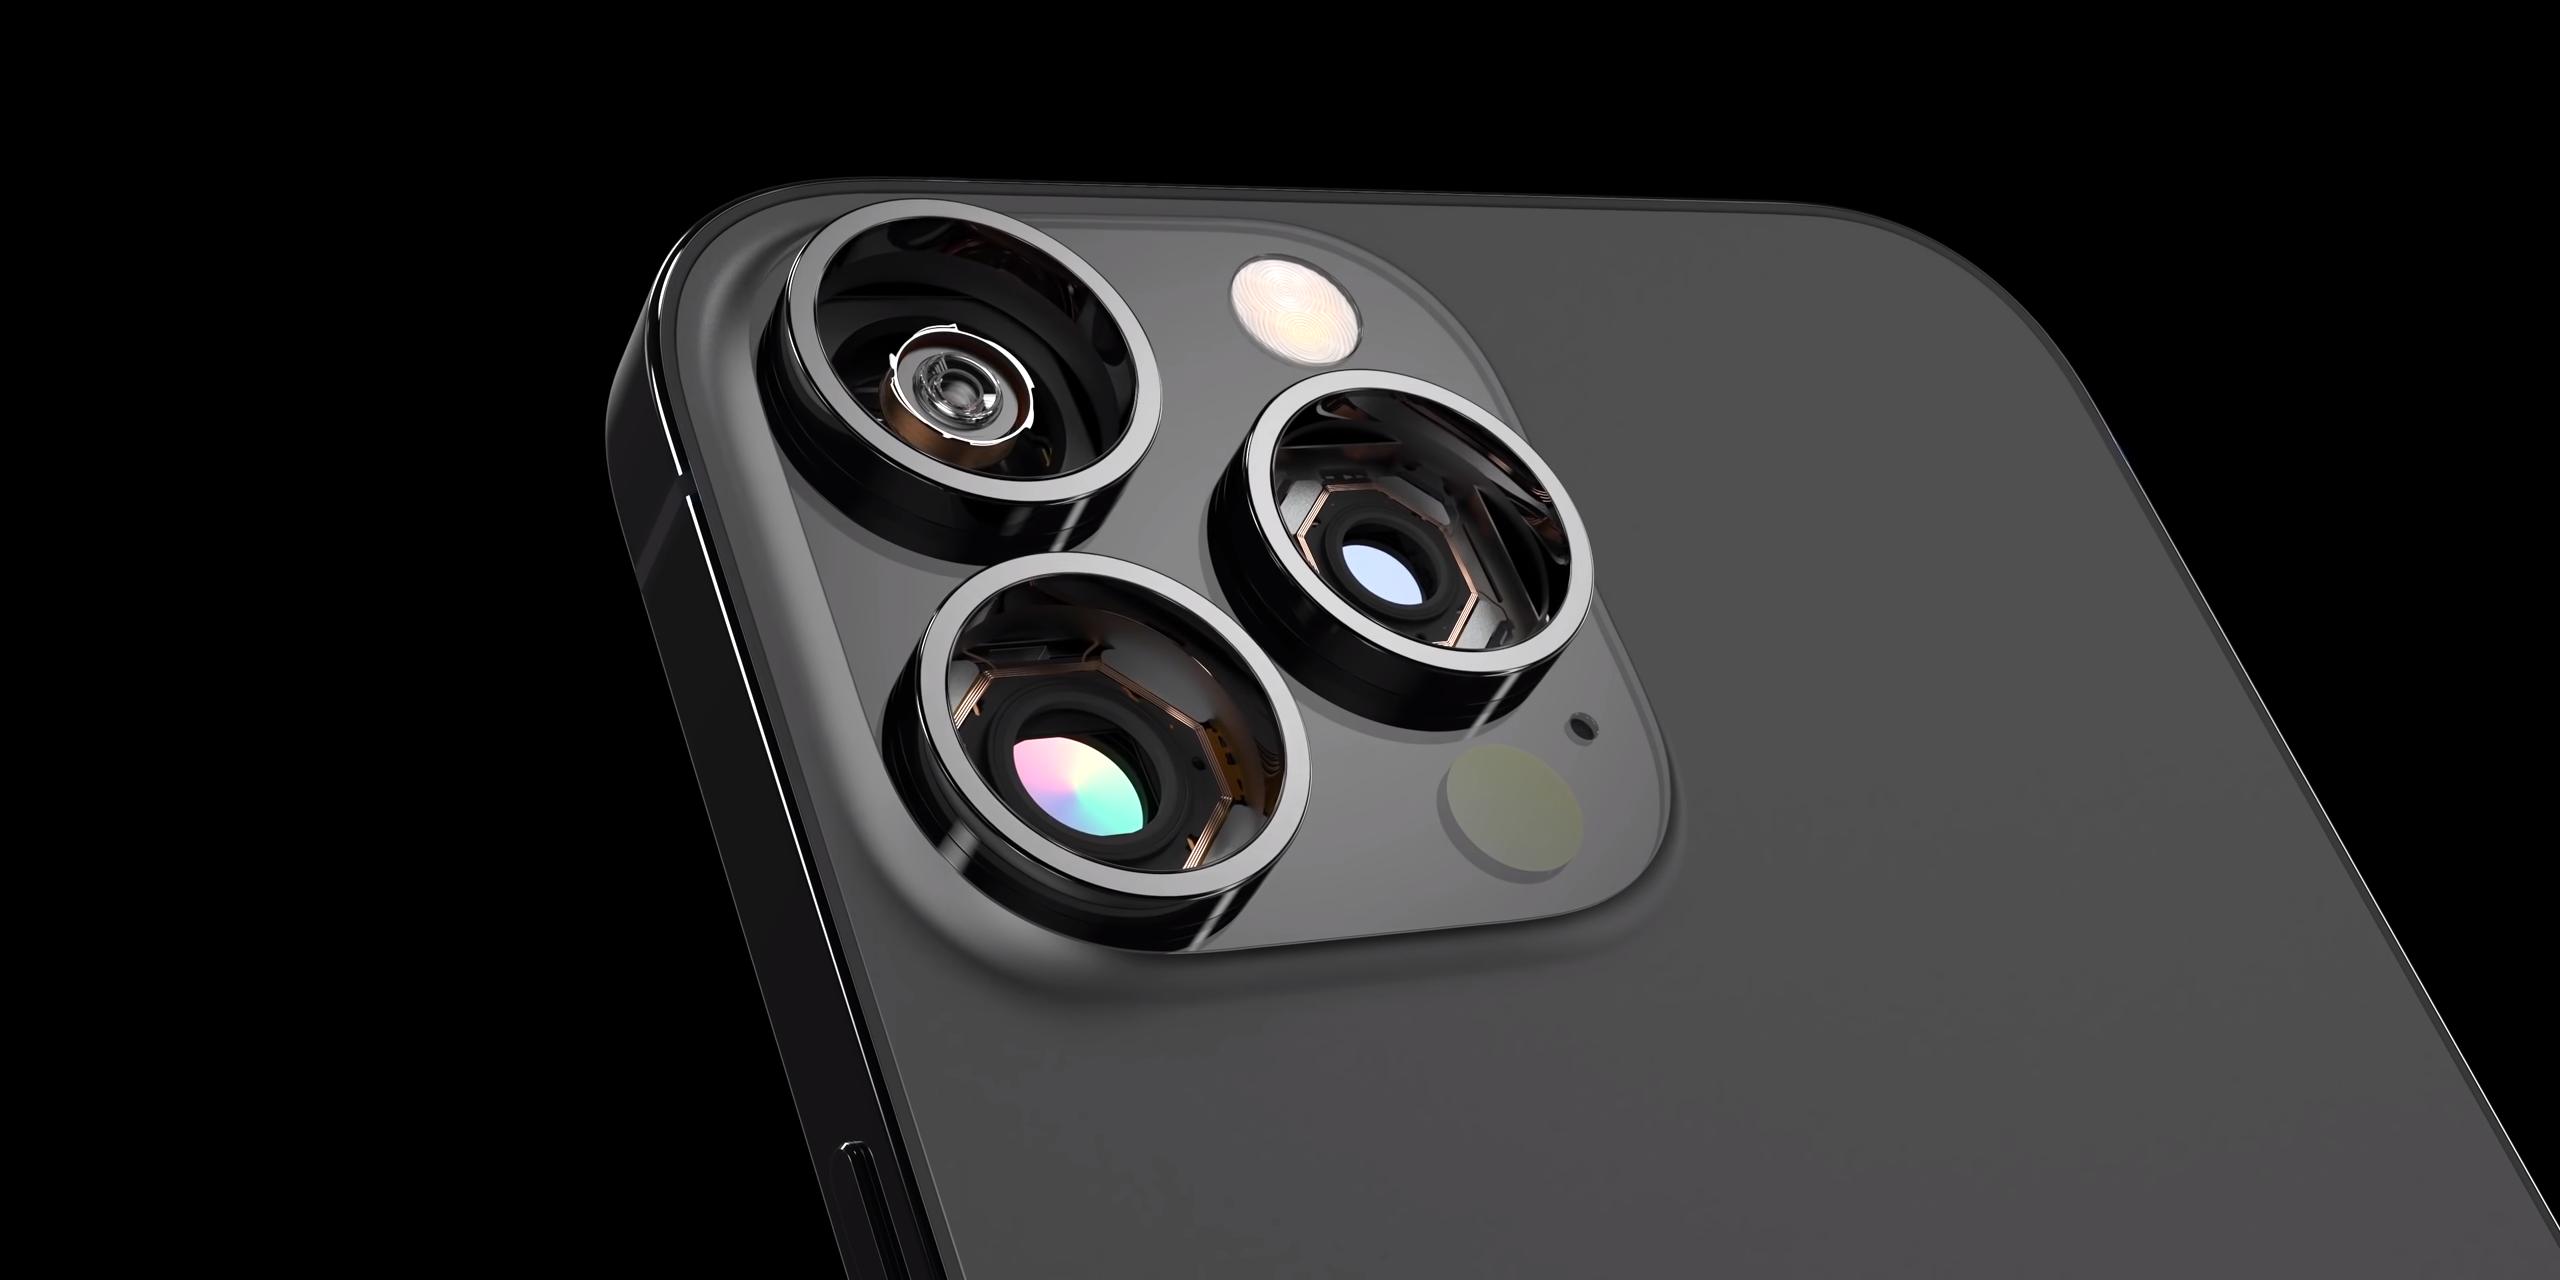 Cảm biến dịch chuyển ổn định có trên toàn bộ iPhone 13 series